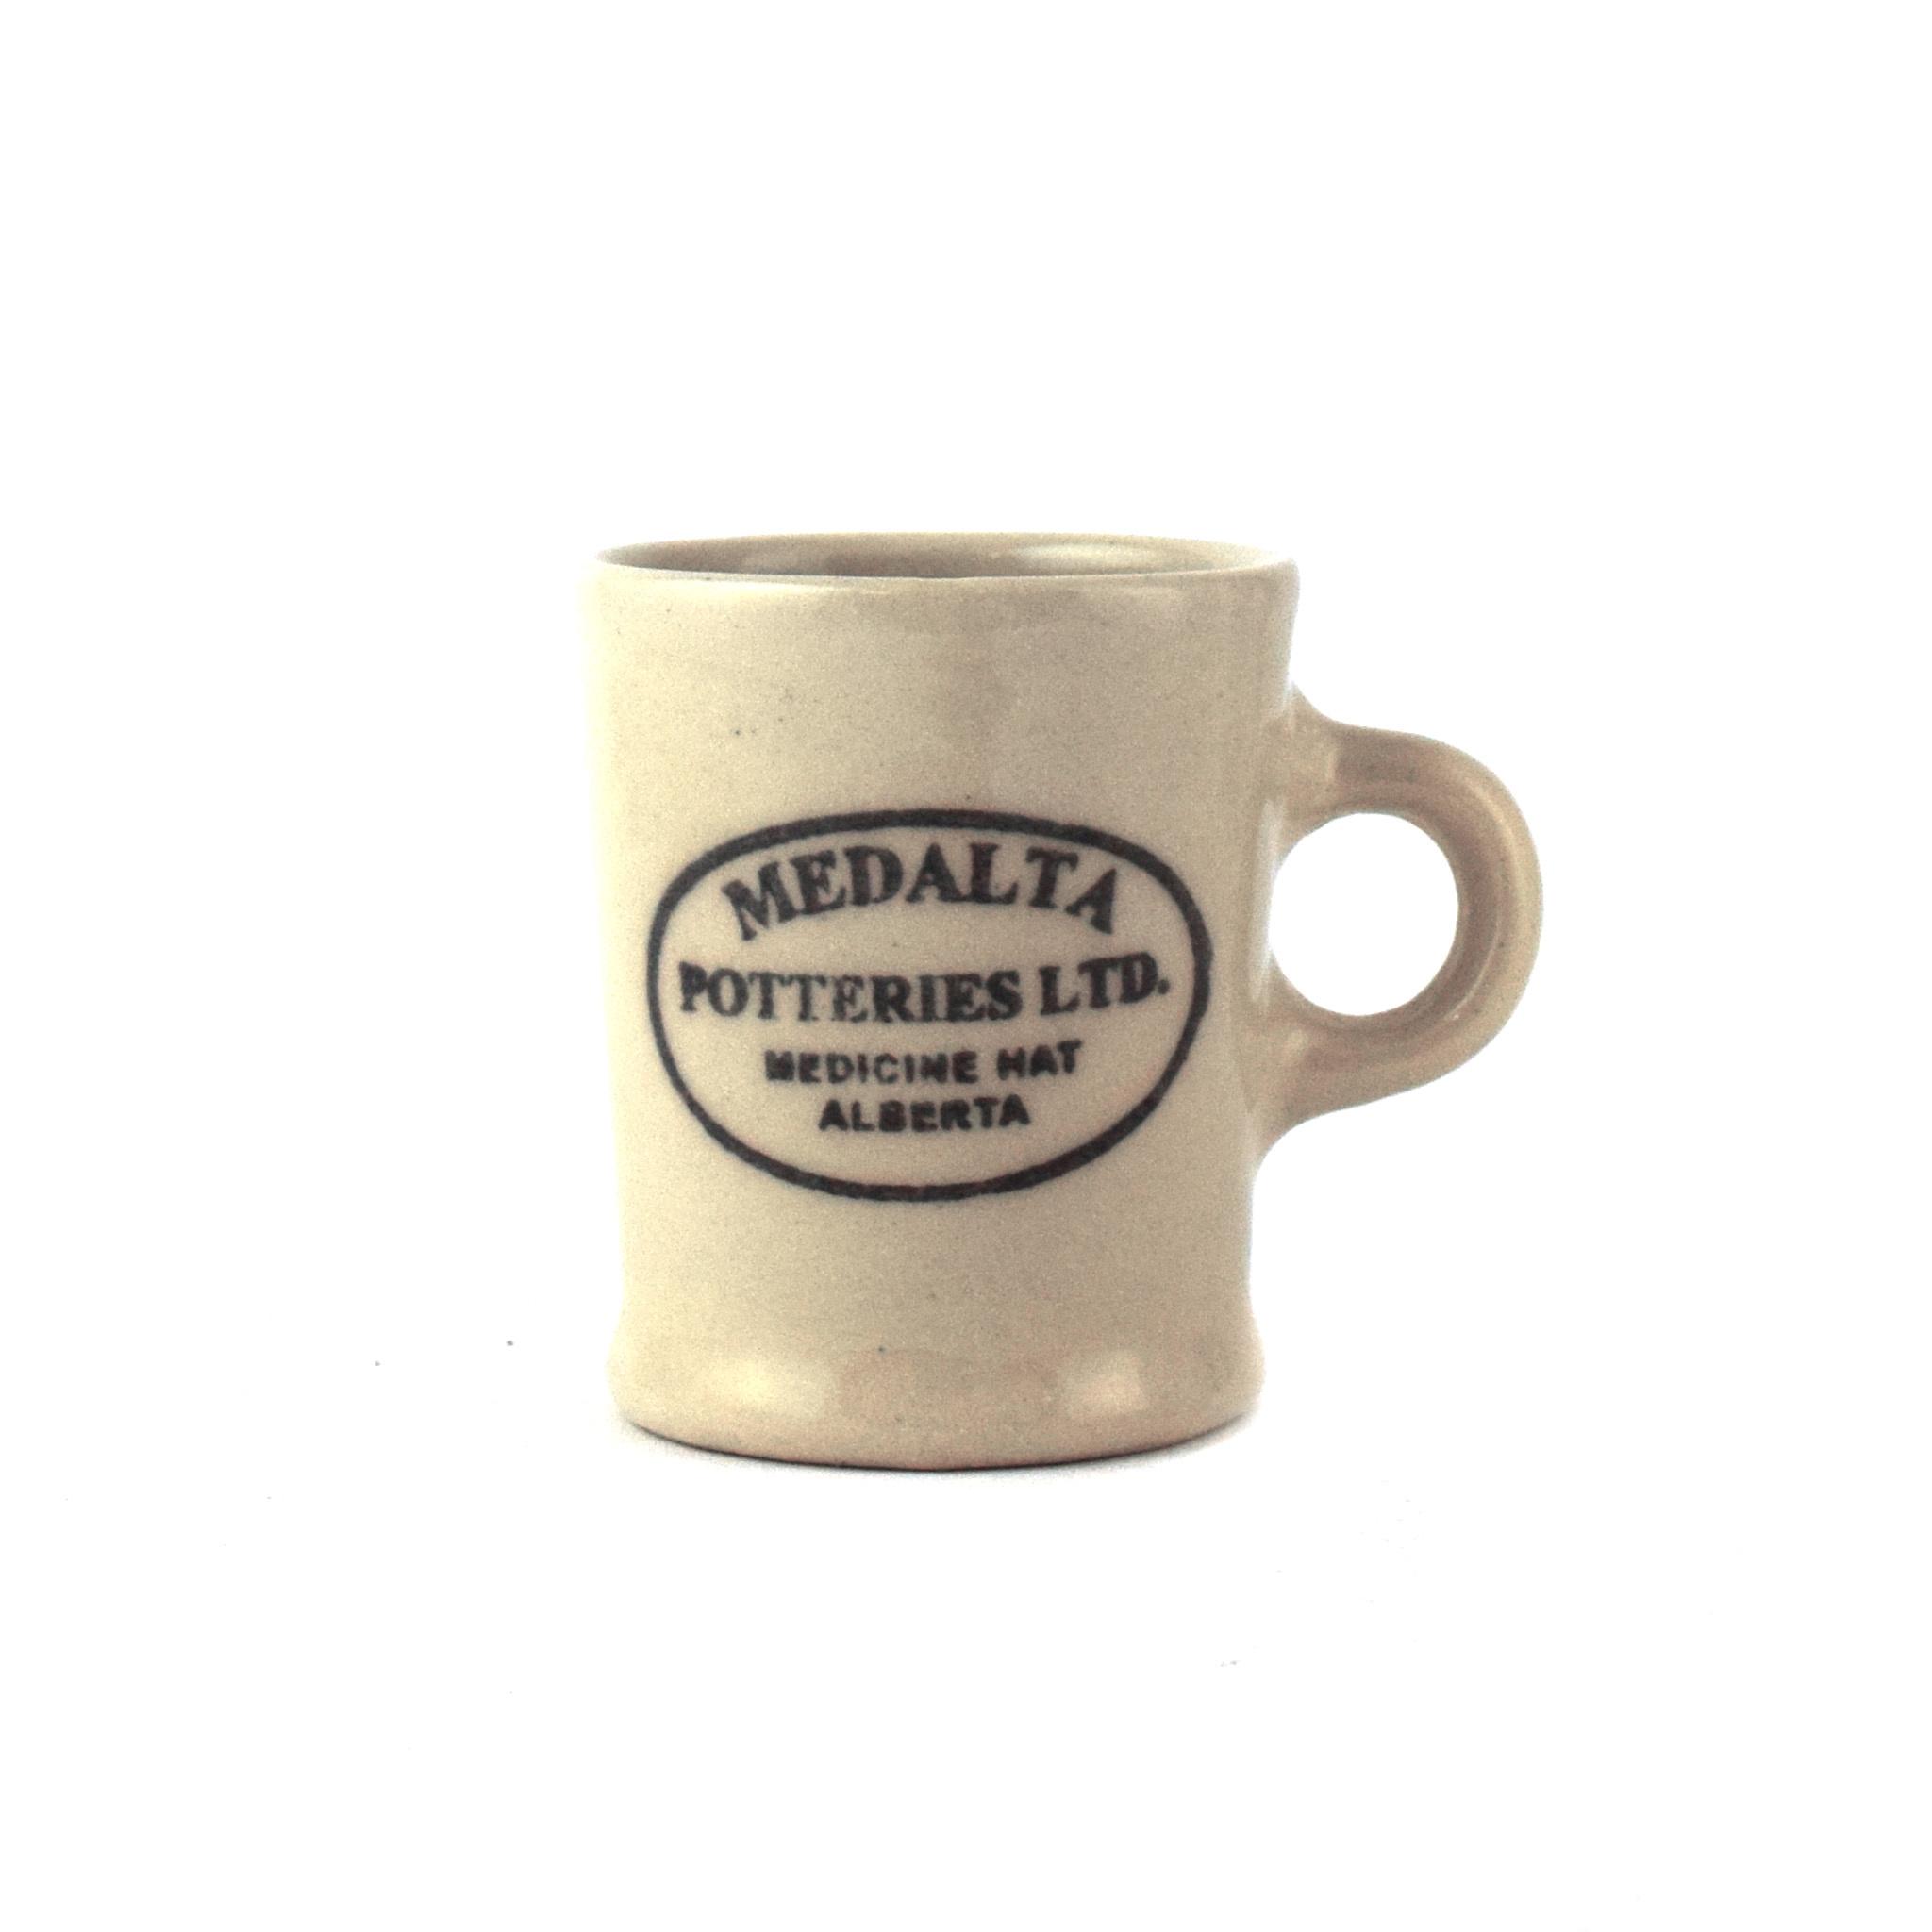 Medalta Ware Reproduction Mug